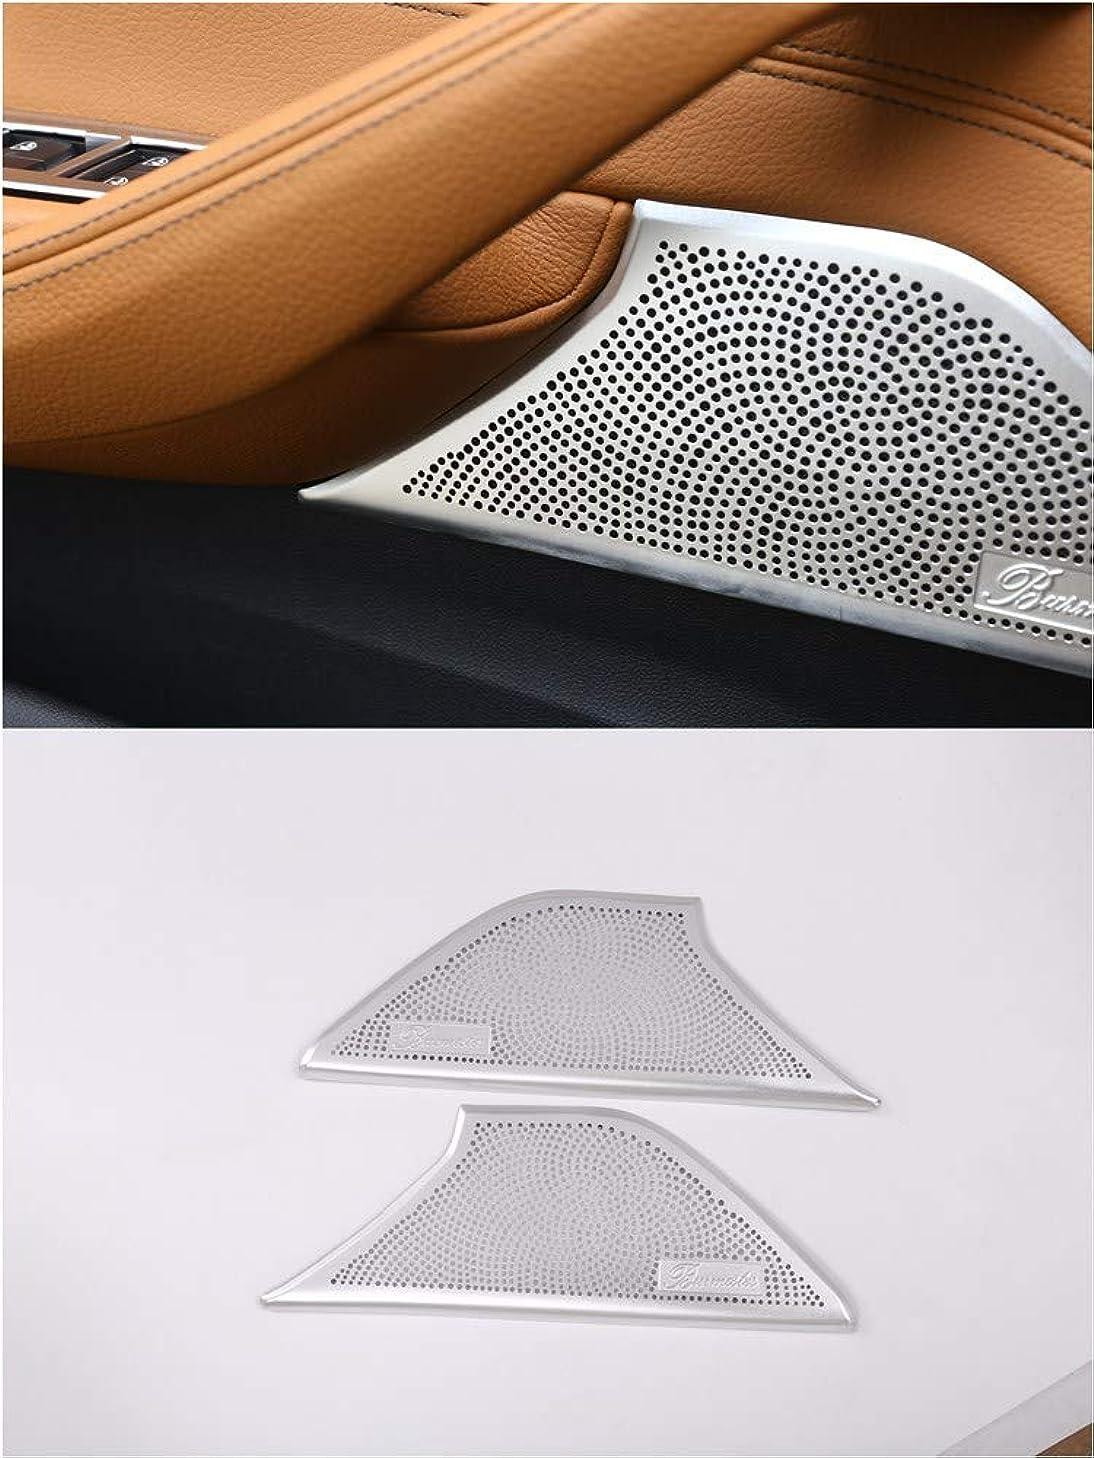 専門知識事前想定BMW?18セクションBMW5シリーズ ドアスピーカーネット/ドアホーンネット装飾 BMWアクセサリー おしゃれ シルバー